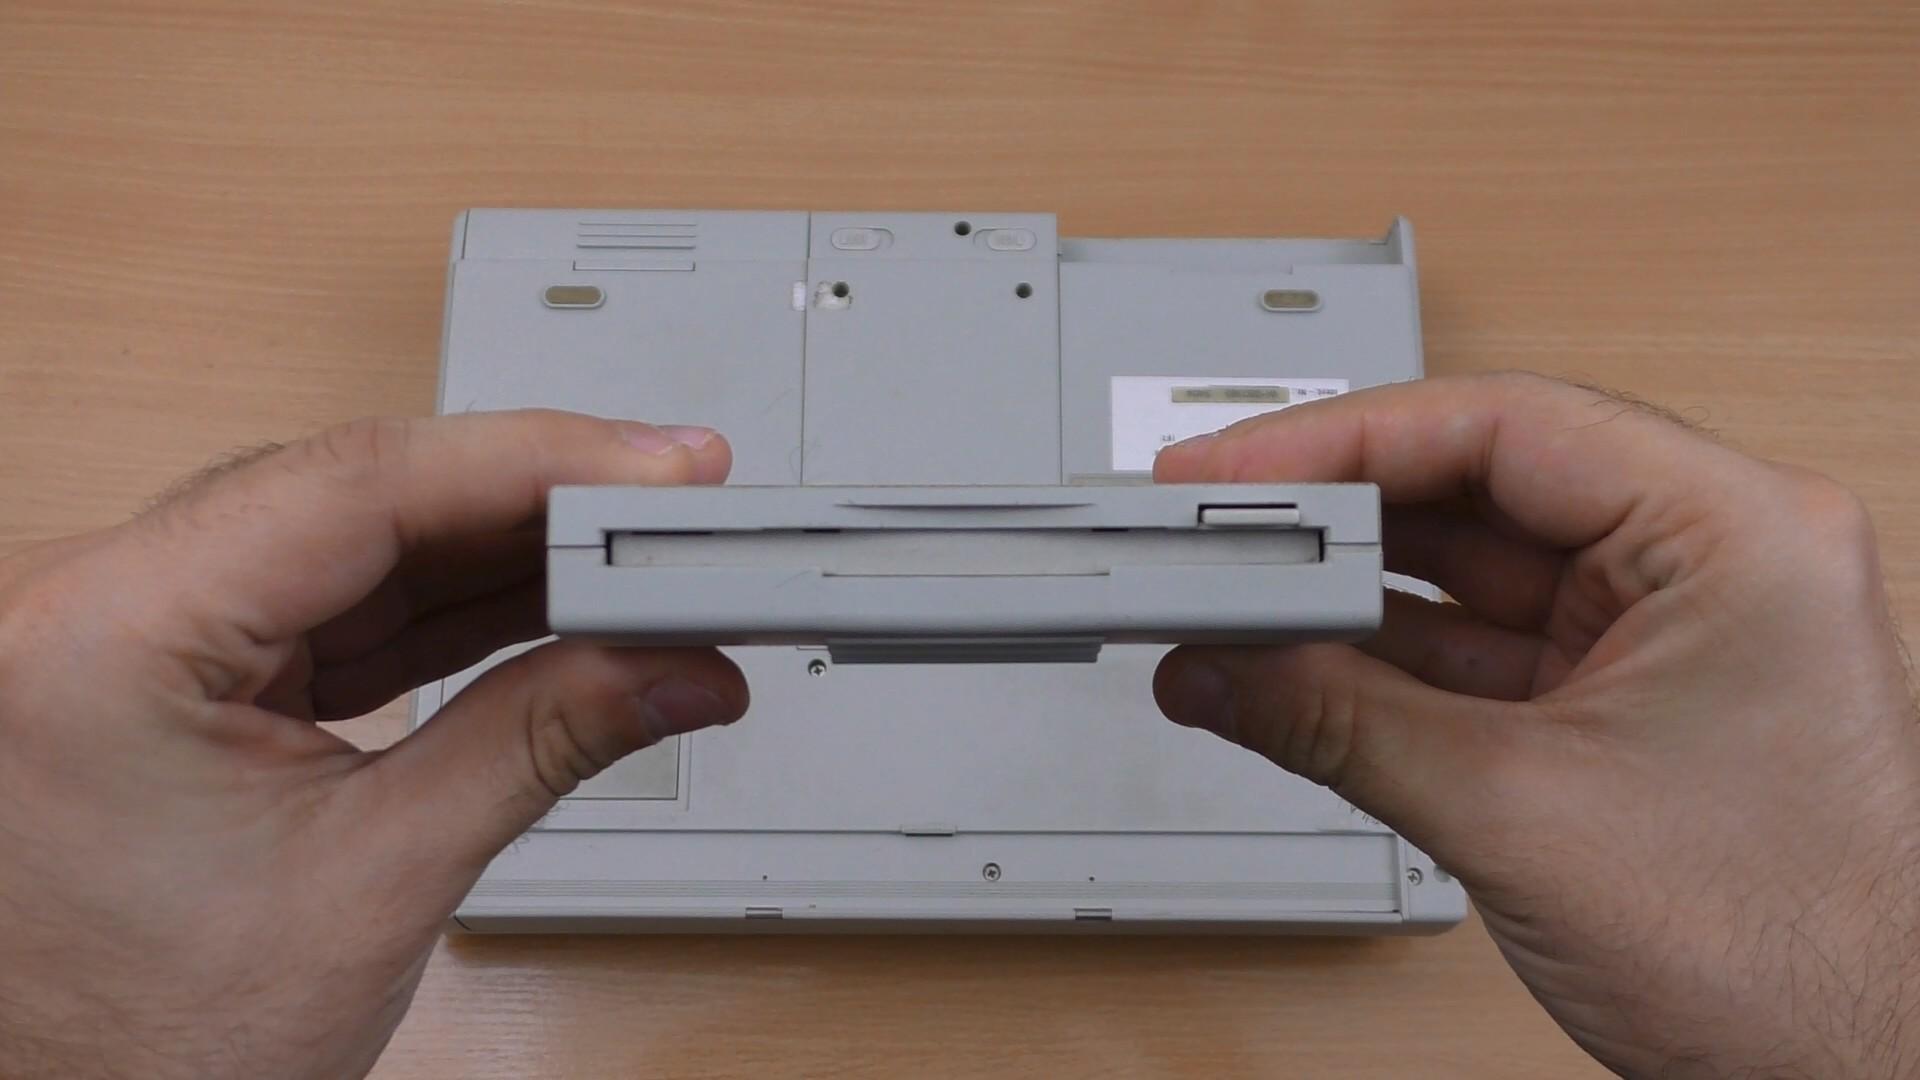 Мощь 80486 на Siemens Nixdorf PCD-4ND (текст и видео — на выбор) - 5